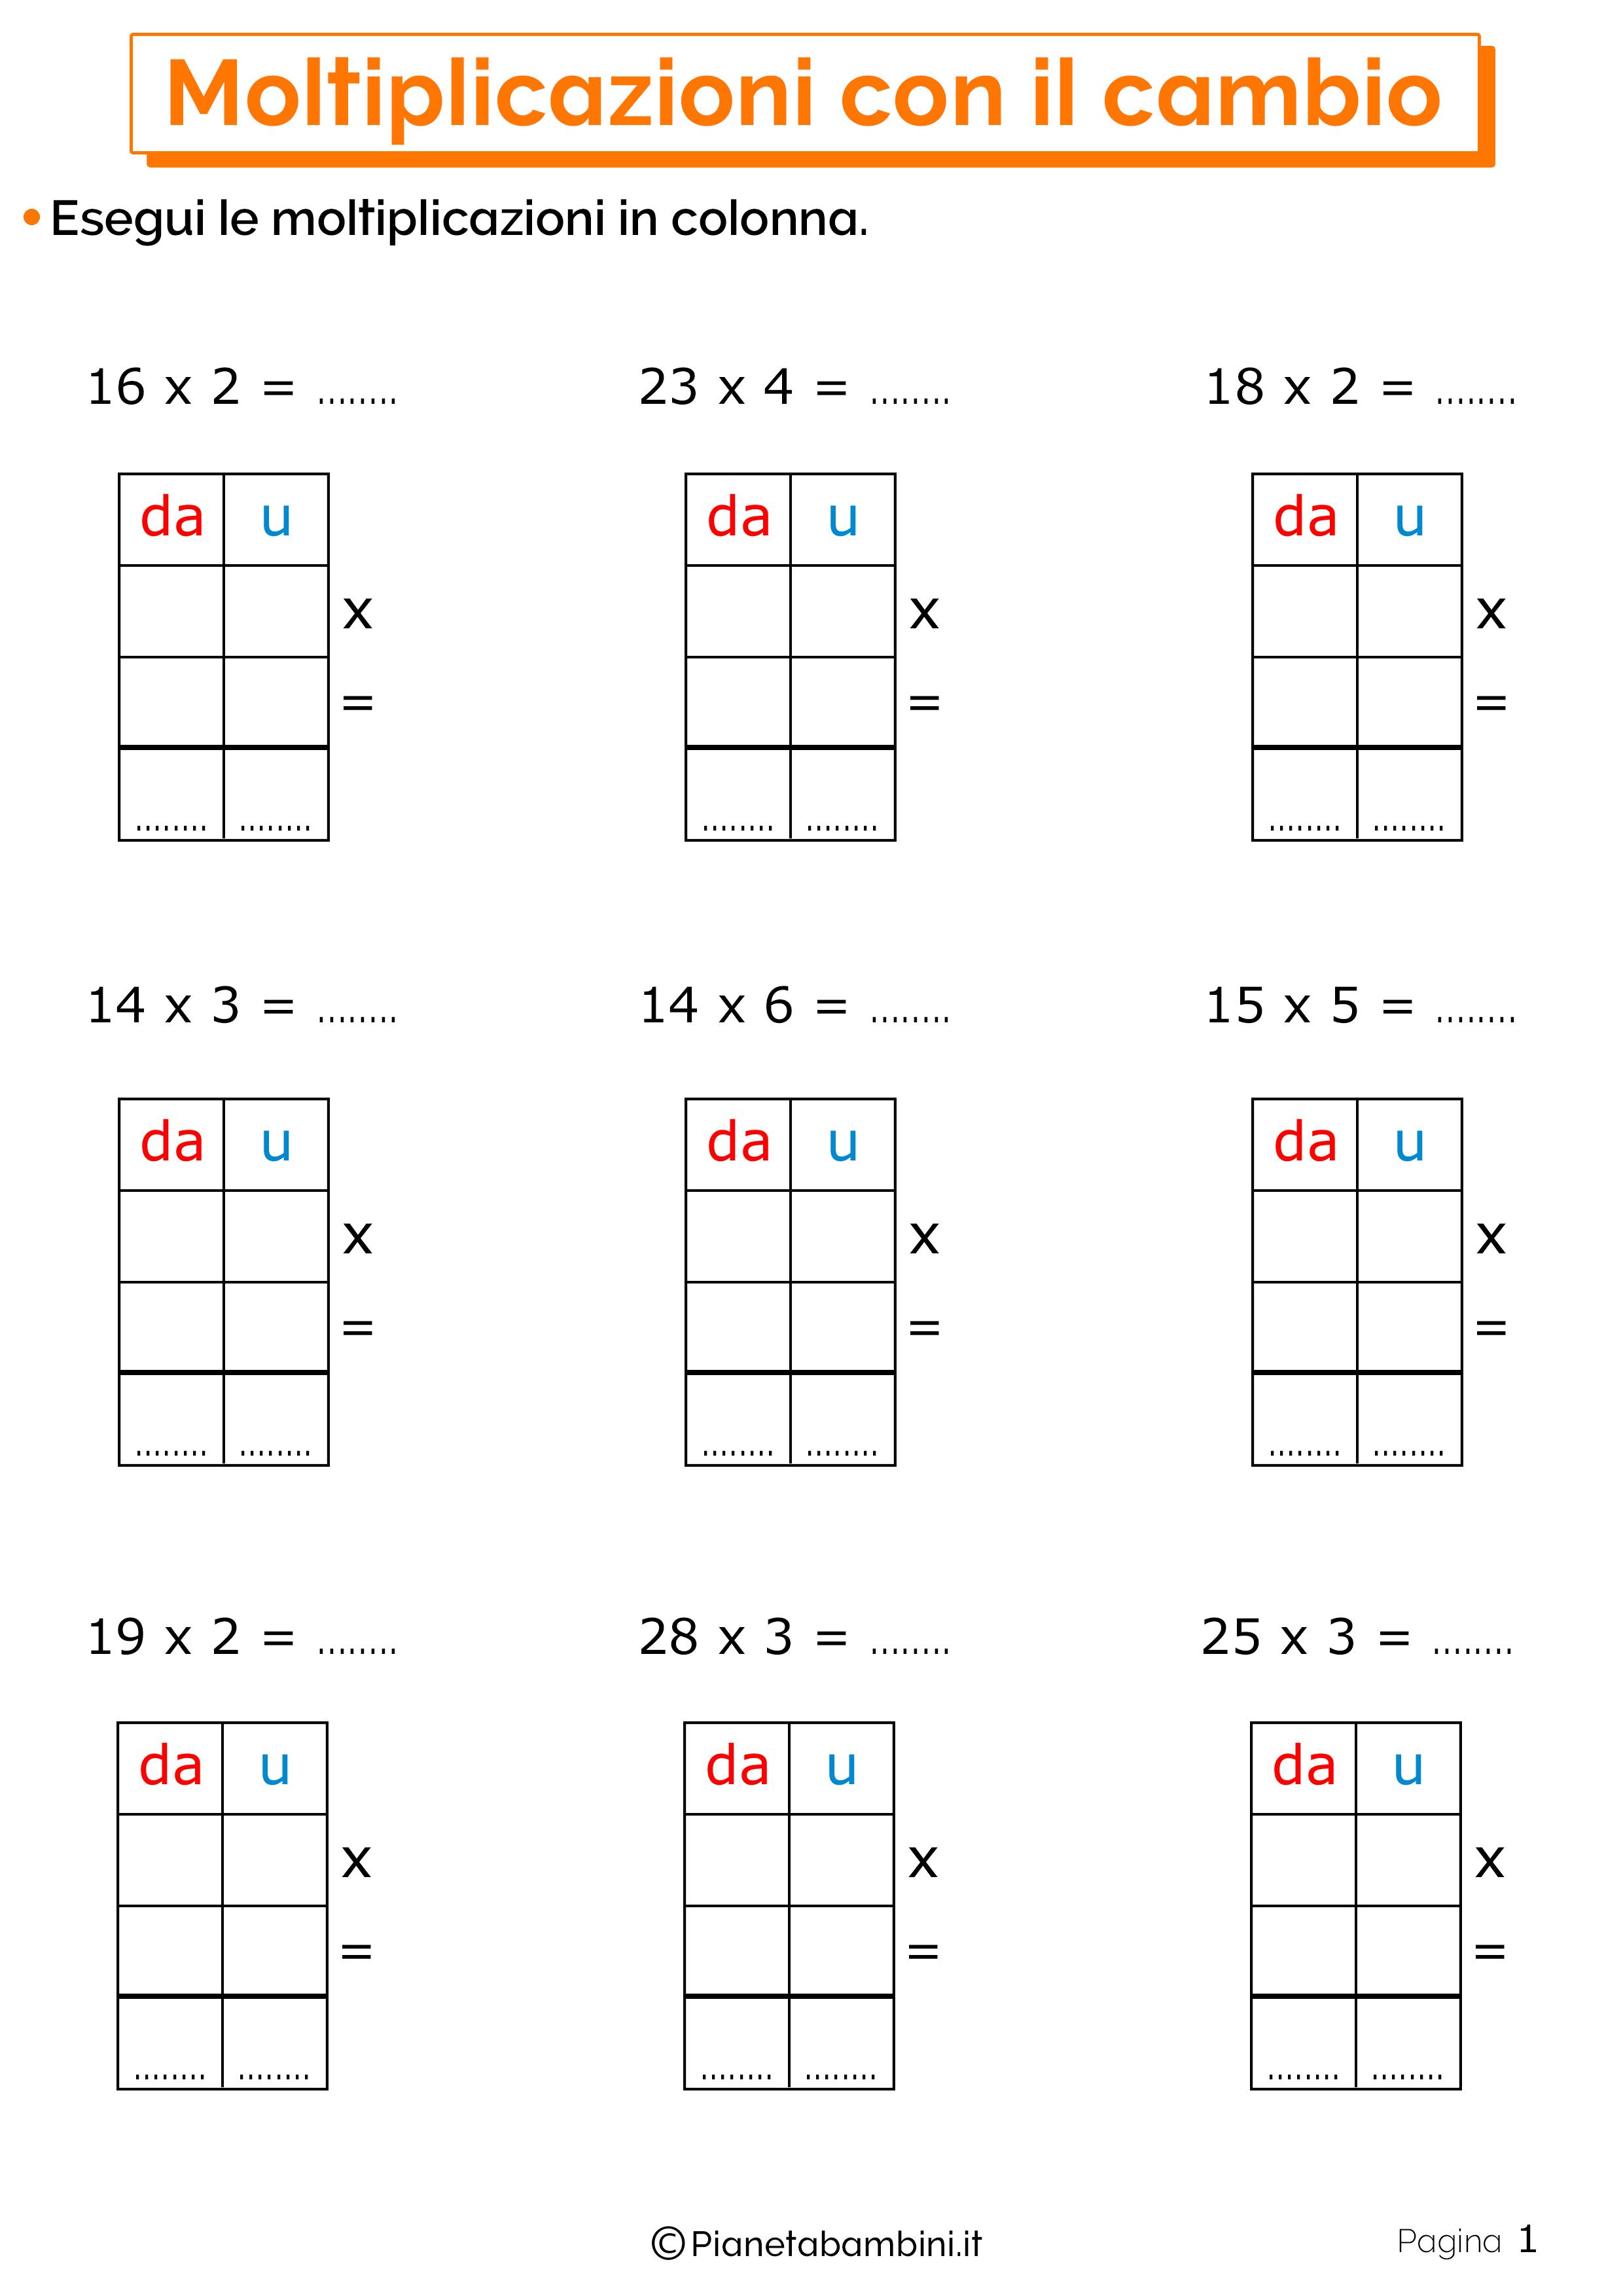 Schede didattiche sulle moltiplicazioni con il cambio 1